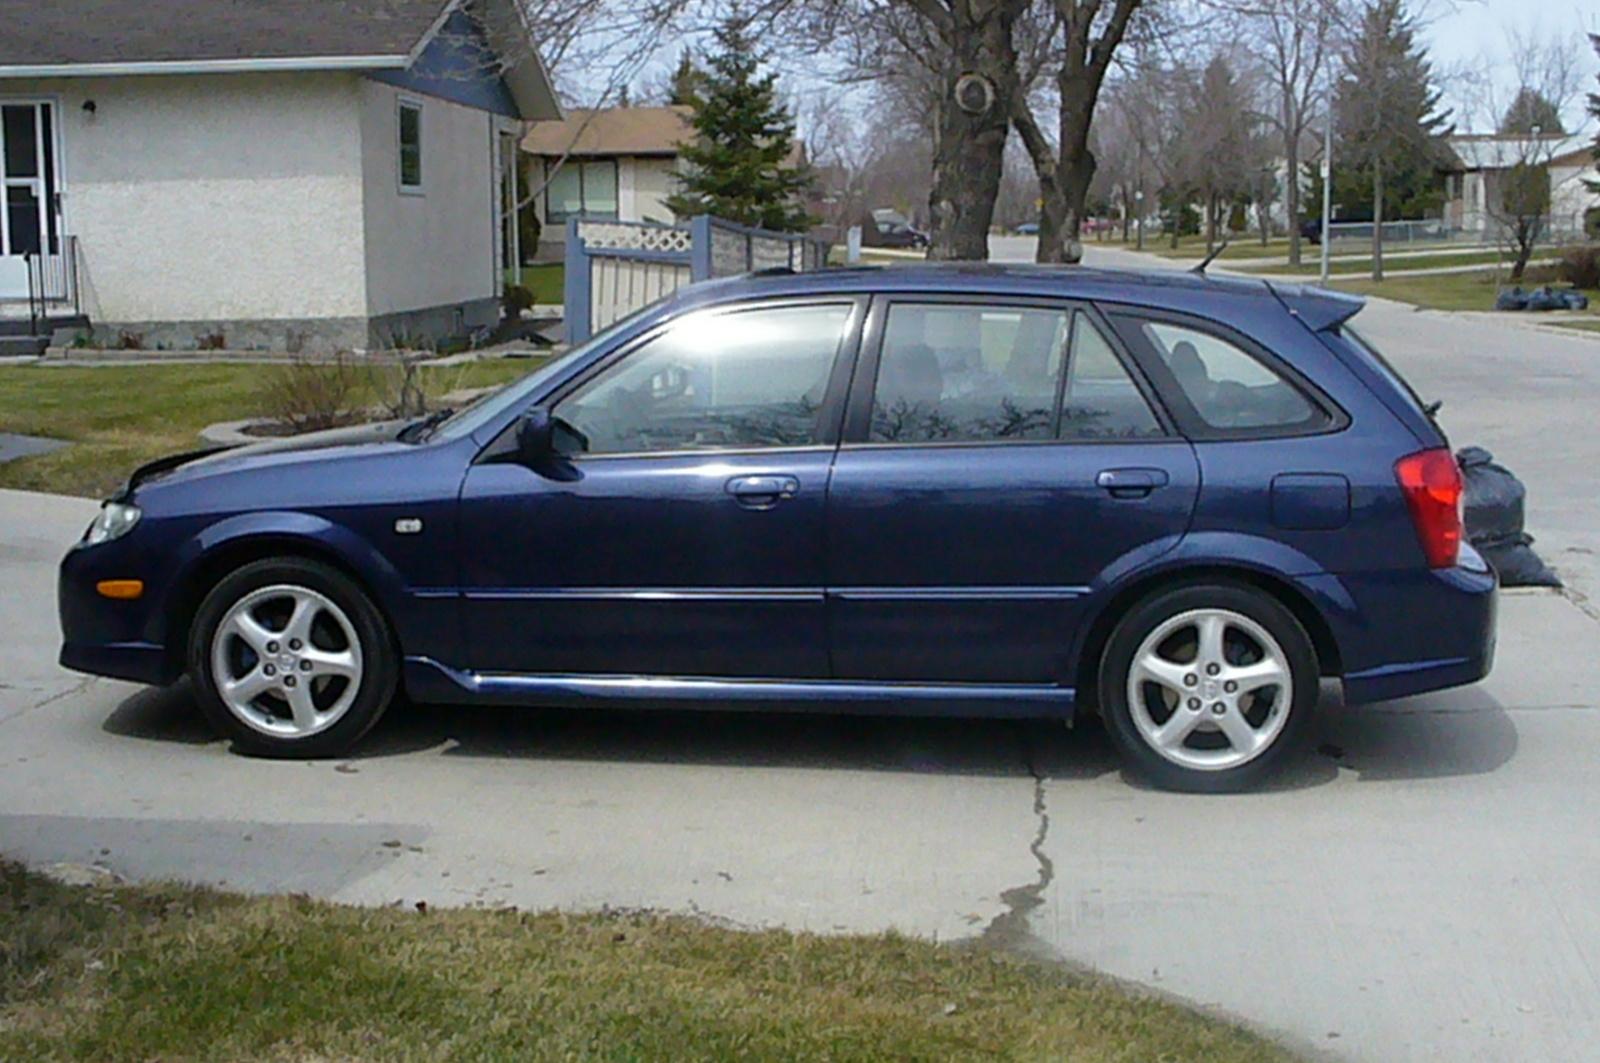 2002 Mazda Protege5 - Pictures - 2002 Mazda Protege5 4 Dr STD W ...